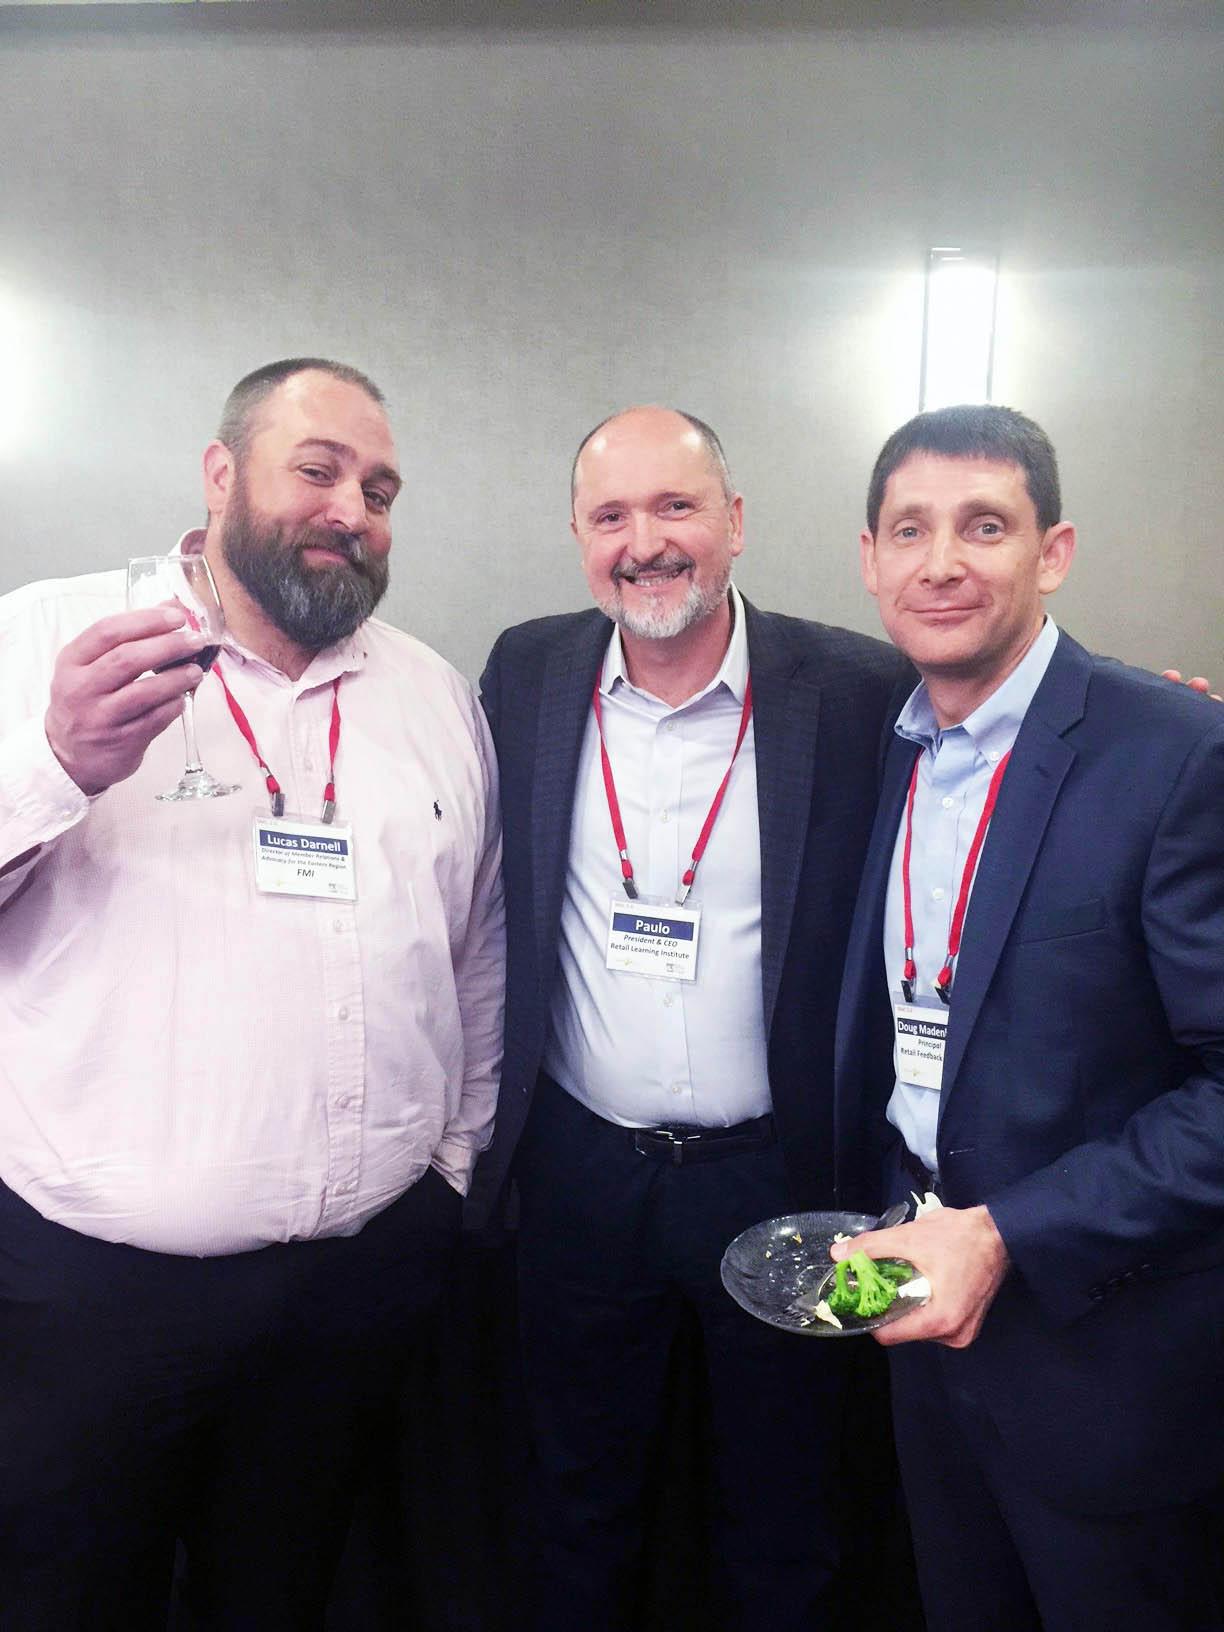 Oradores de classe Lucas Darnell, Paulo Goelzer e Doug Madenberg